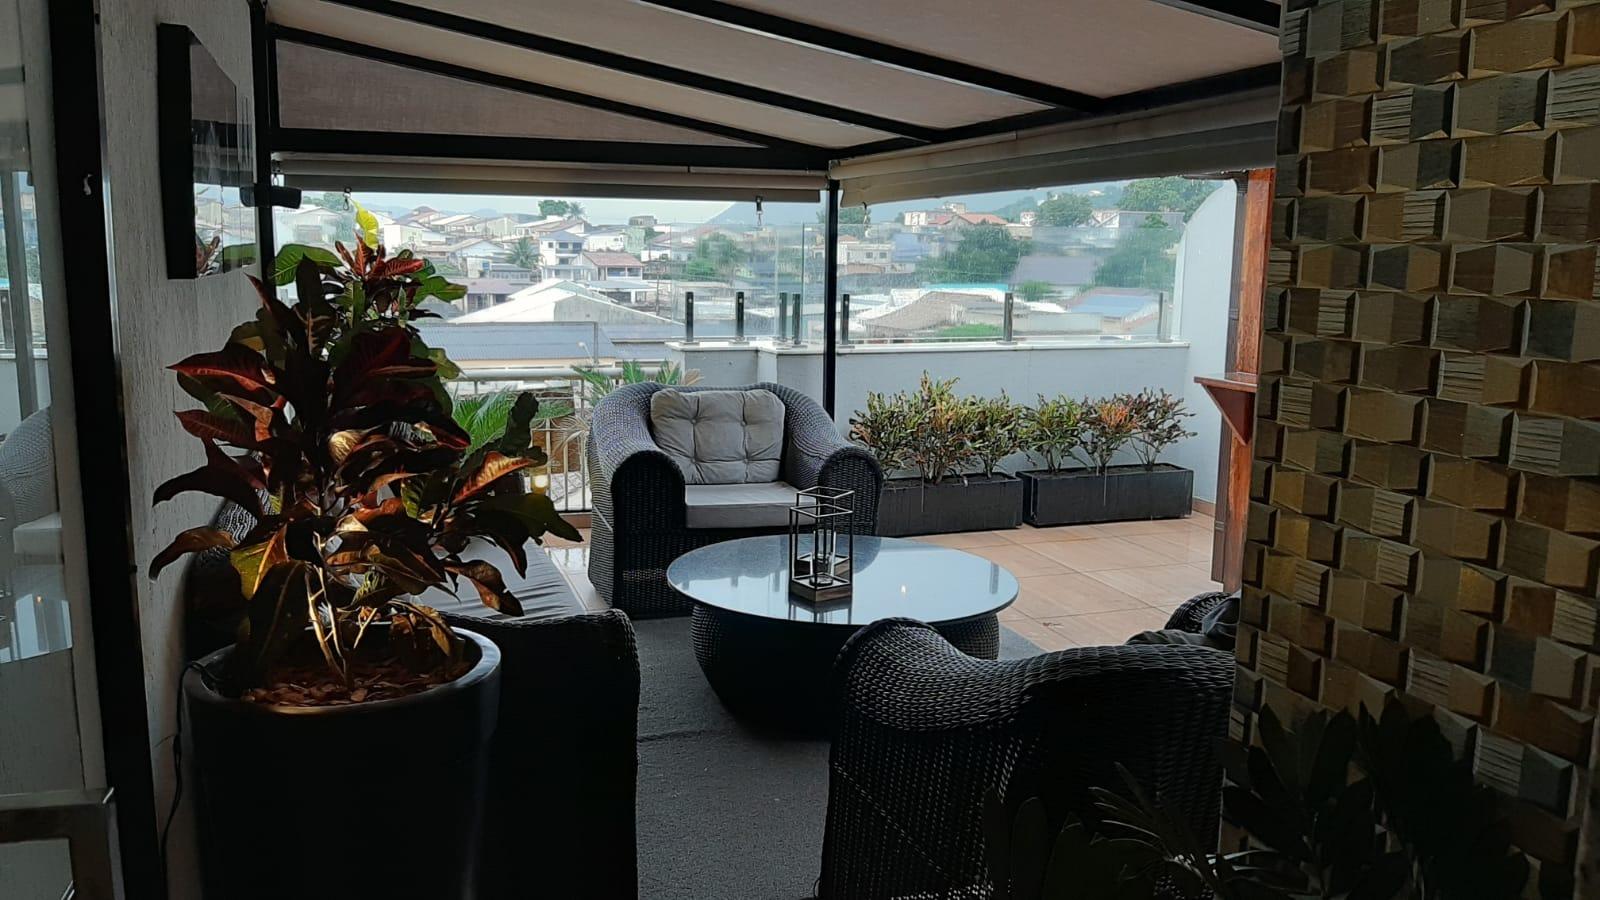 FOTO 09 - Cobertura 3 quartos à venda Rio de Janeiro,RJ - R$ 600.000 - CO00025 - 10